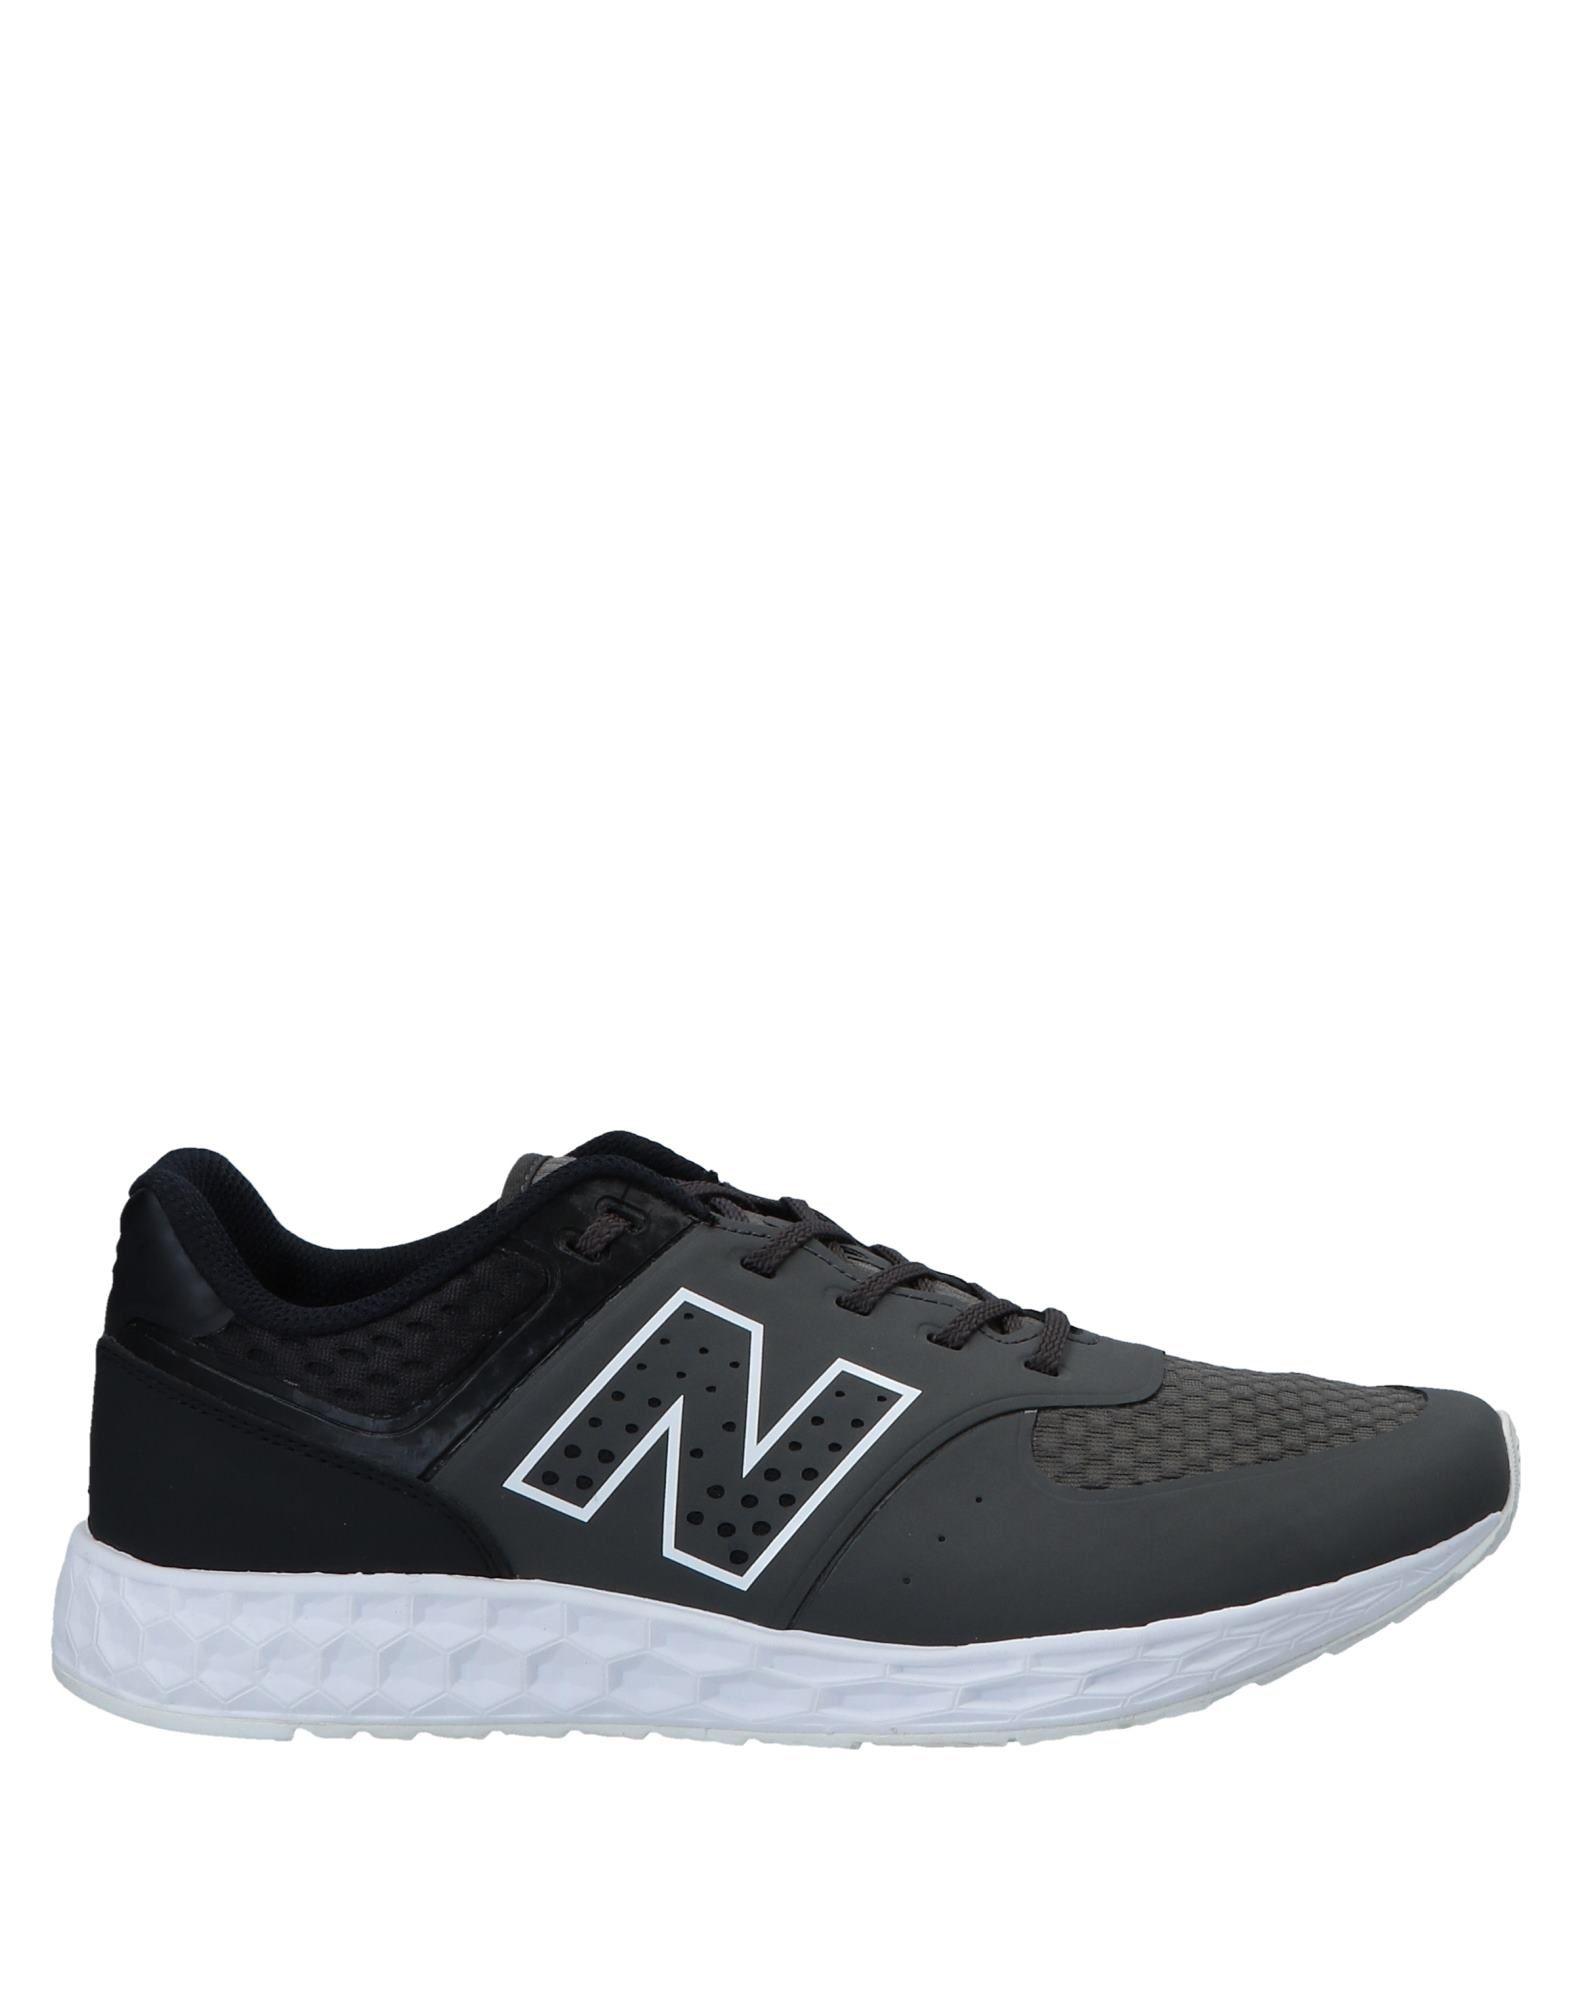 New Balance Sneakers Herren  11552652PR